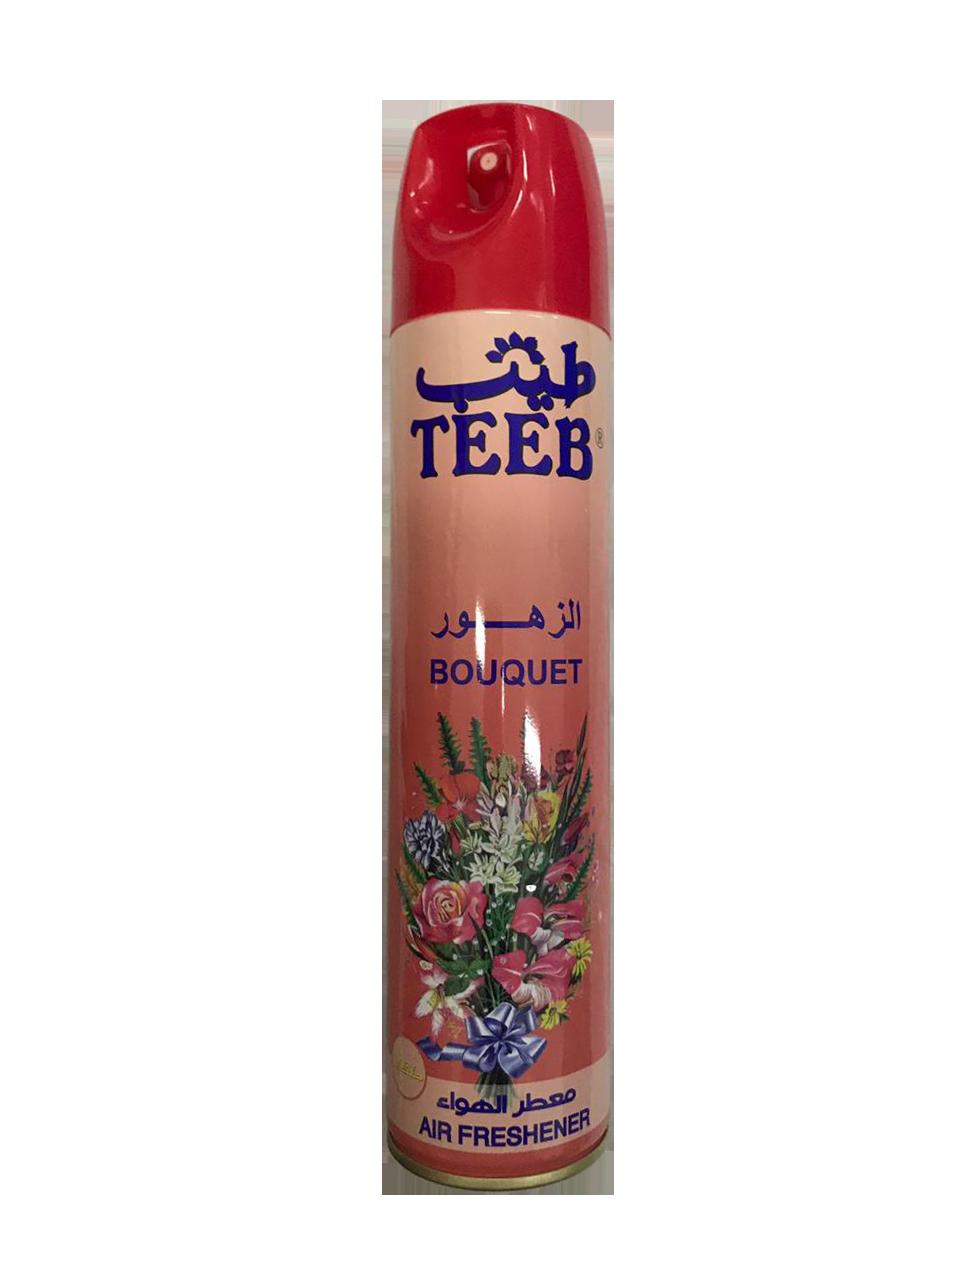 Teeb Bouquet Air Freshner 300ml